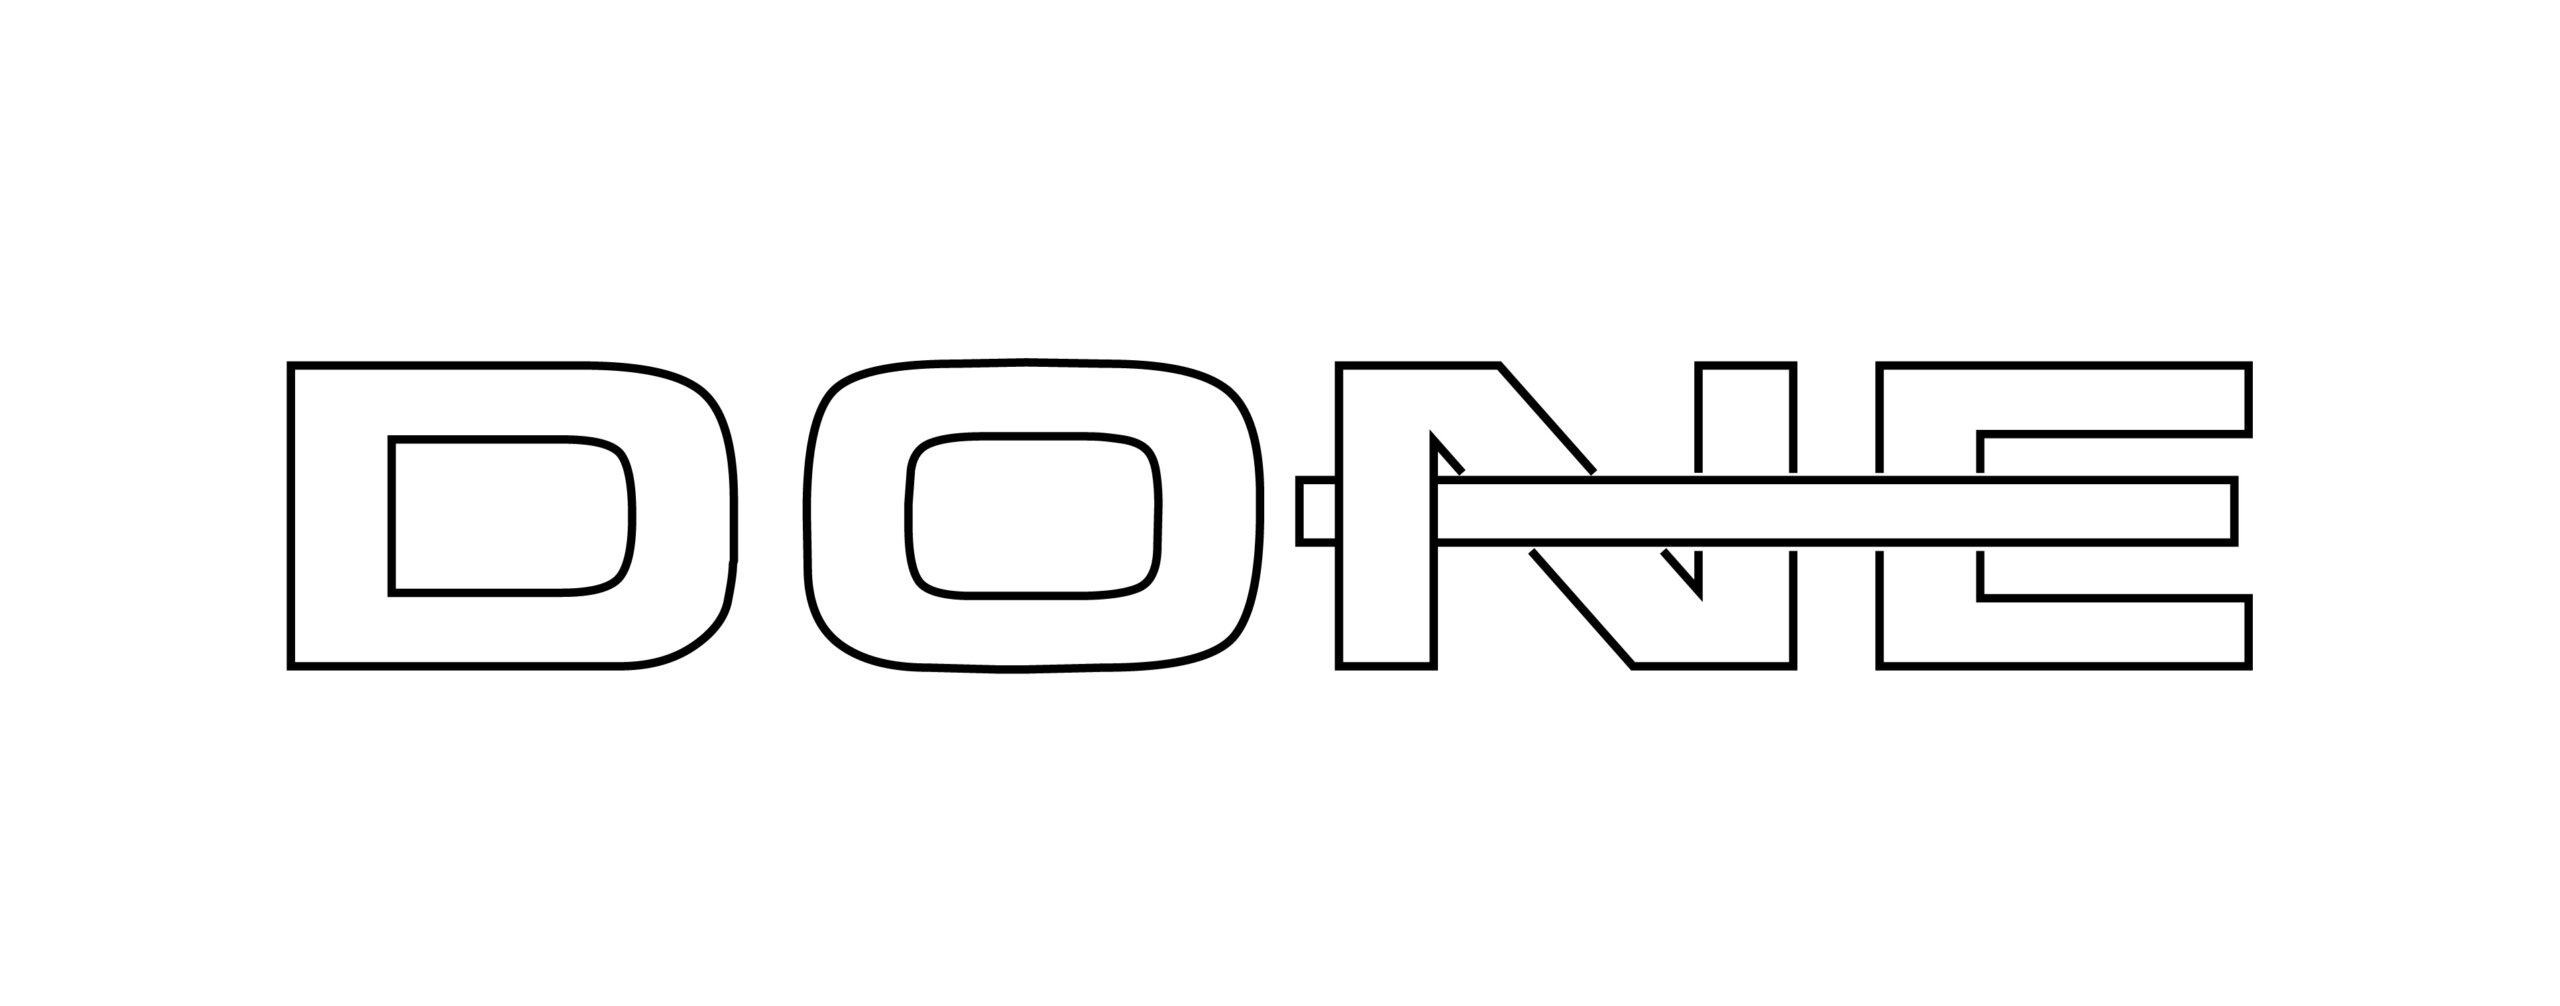 DoneLOGO-01